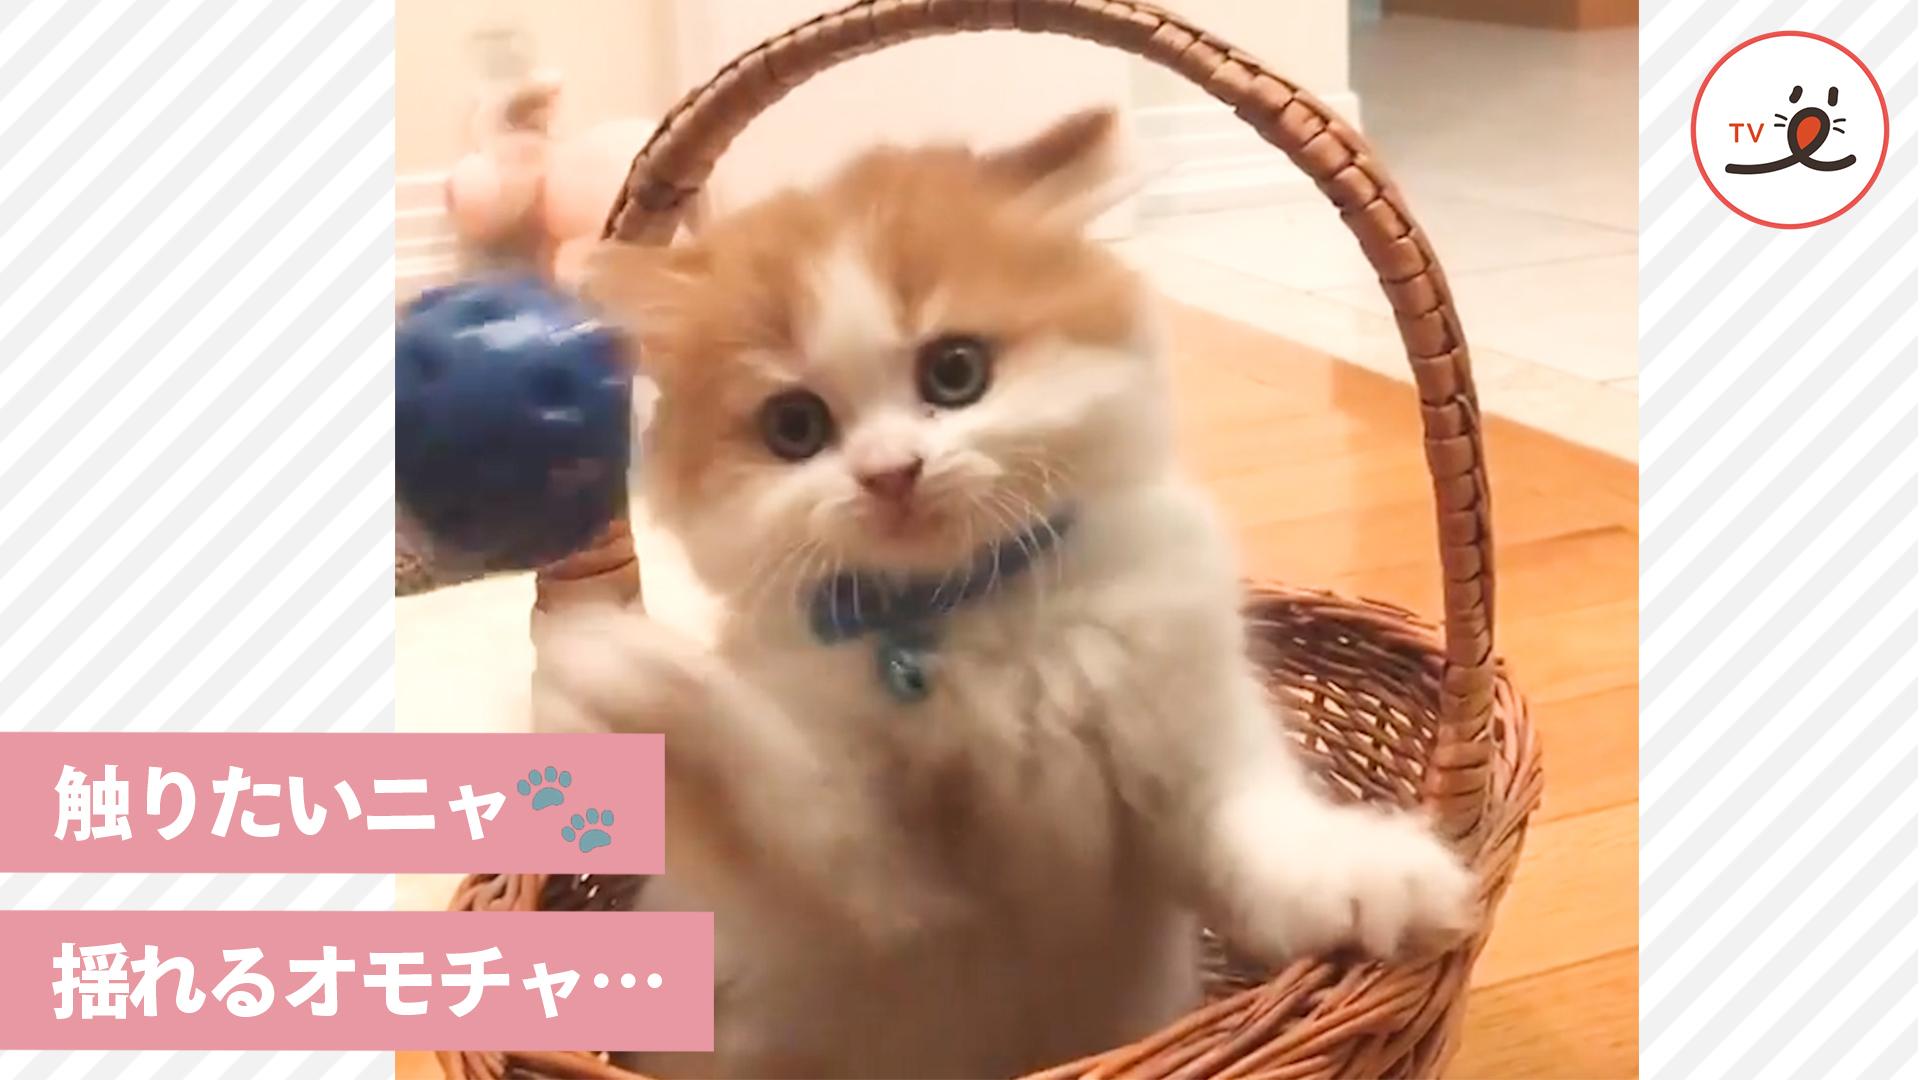 ついつい体が動いちゃう…♪ 目の前で揺れるおもちゃに夢中な子猫ちゃんが可愛すぎ!